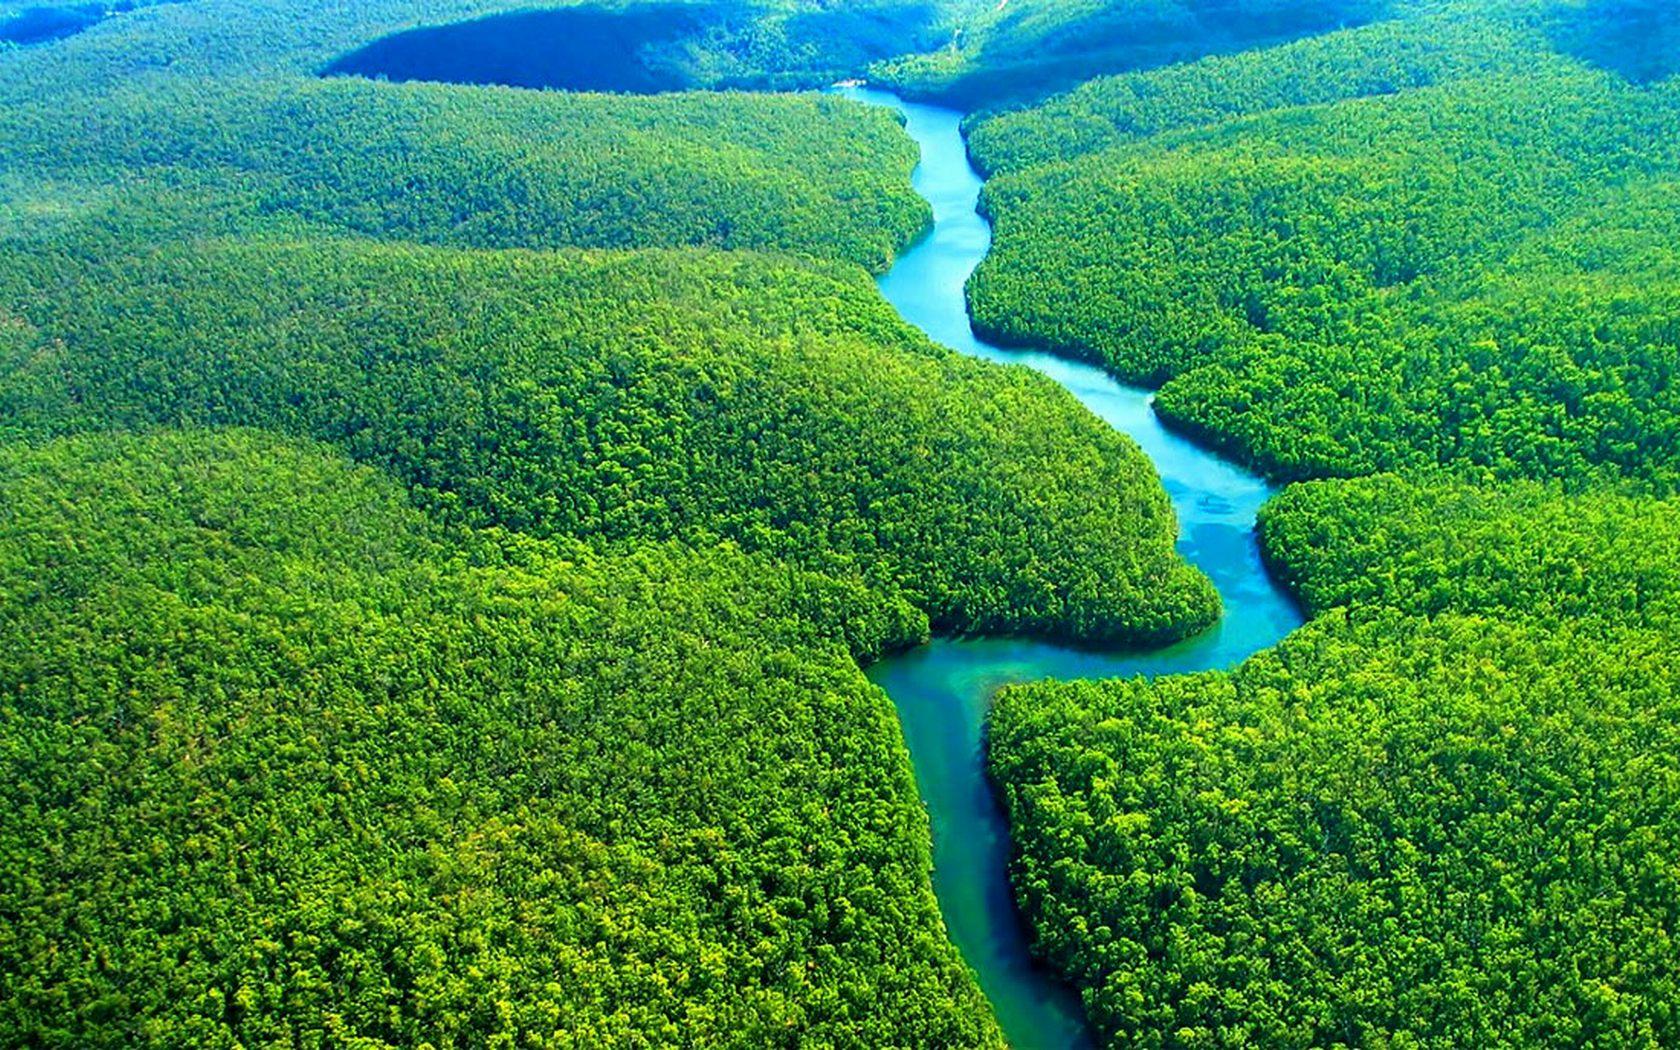 Леса Амазонии начали выделять больше углекислого газа, чем поглощать